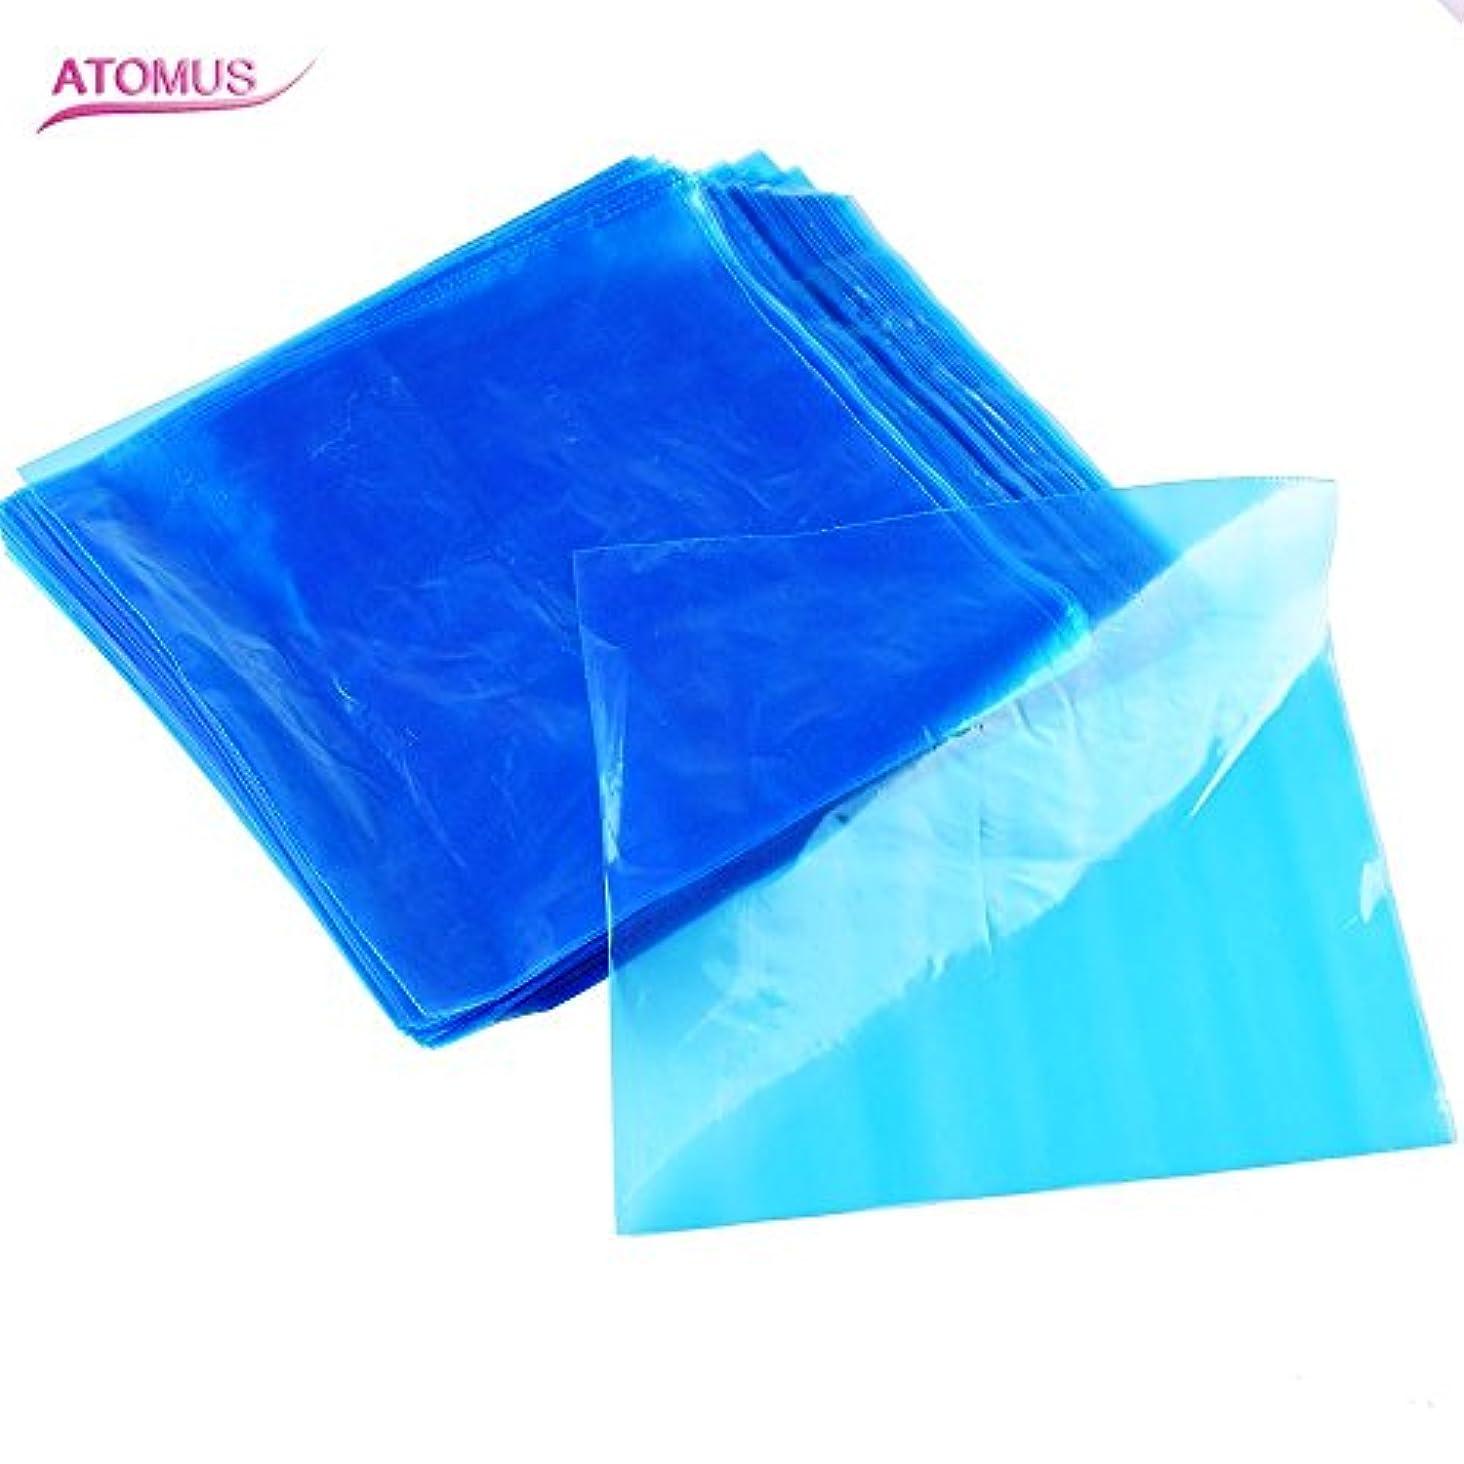 またねる配管工ATOMUS 200個 タトゥーマシンカバーバッグクリップ 使い捨て 青 ブプラスチック タトゥーマシンペン スリーブ 2種類の選択可能 (タイプ1)